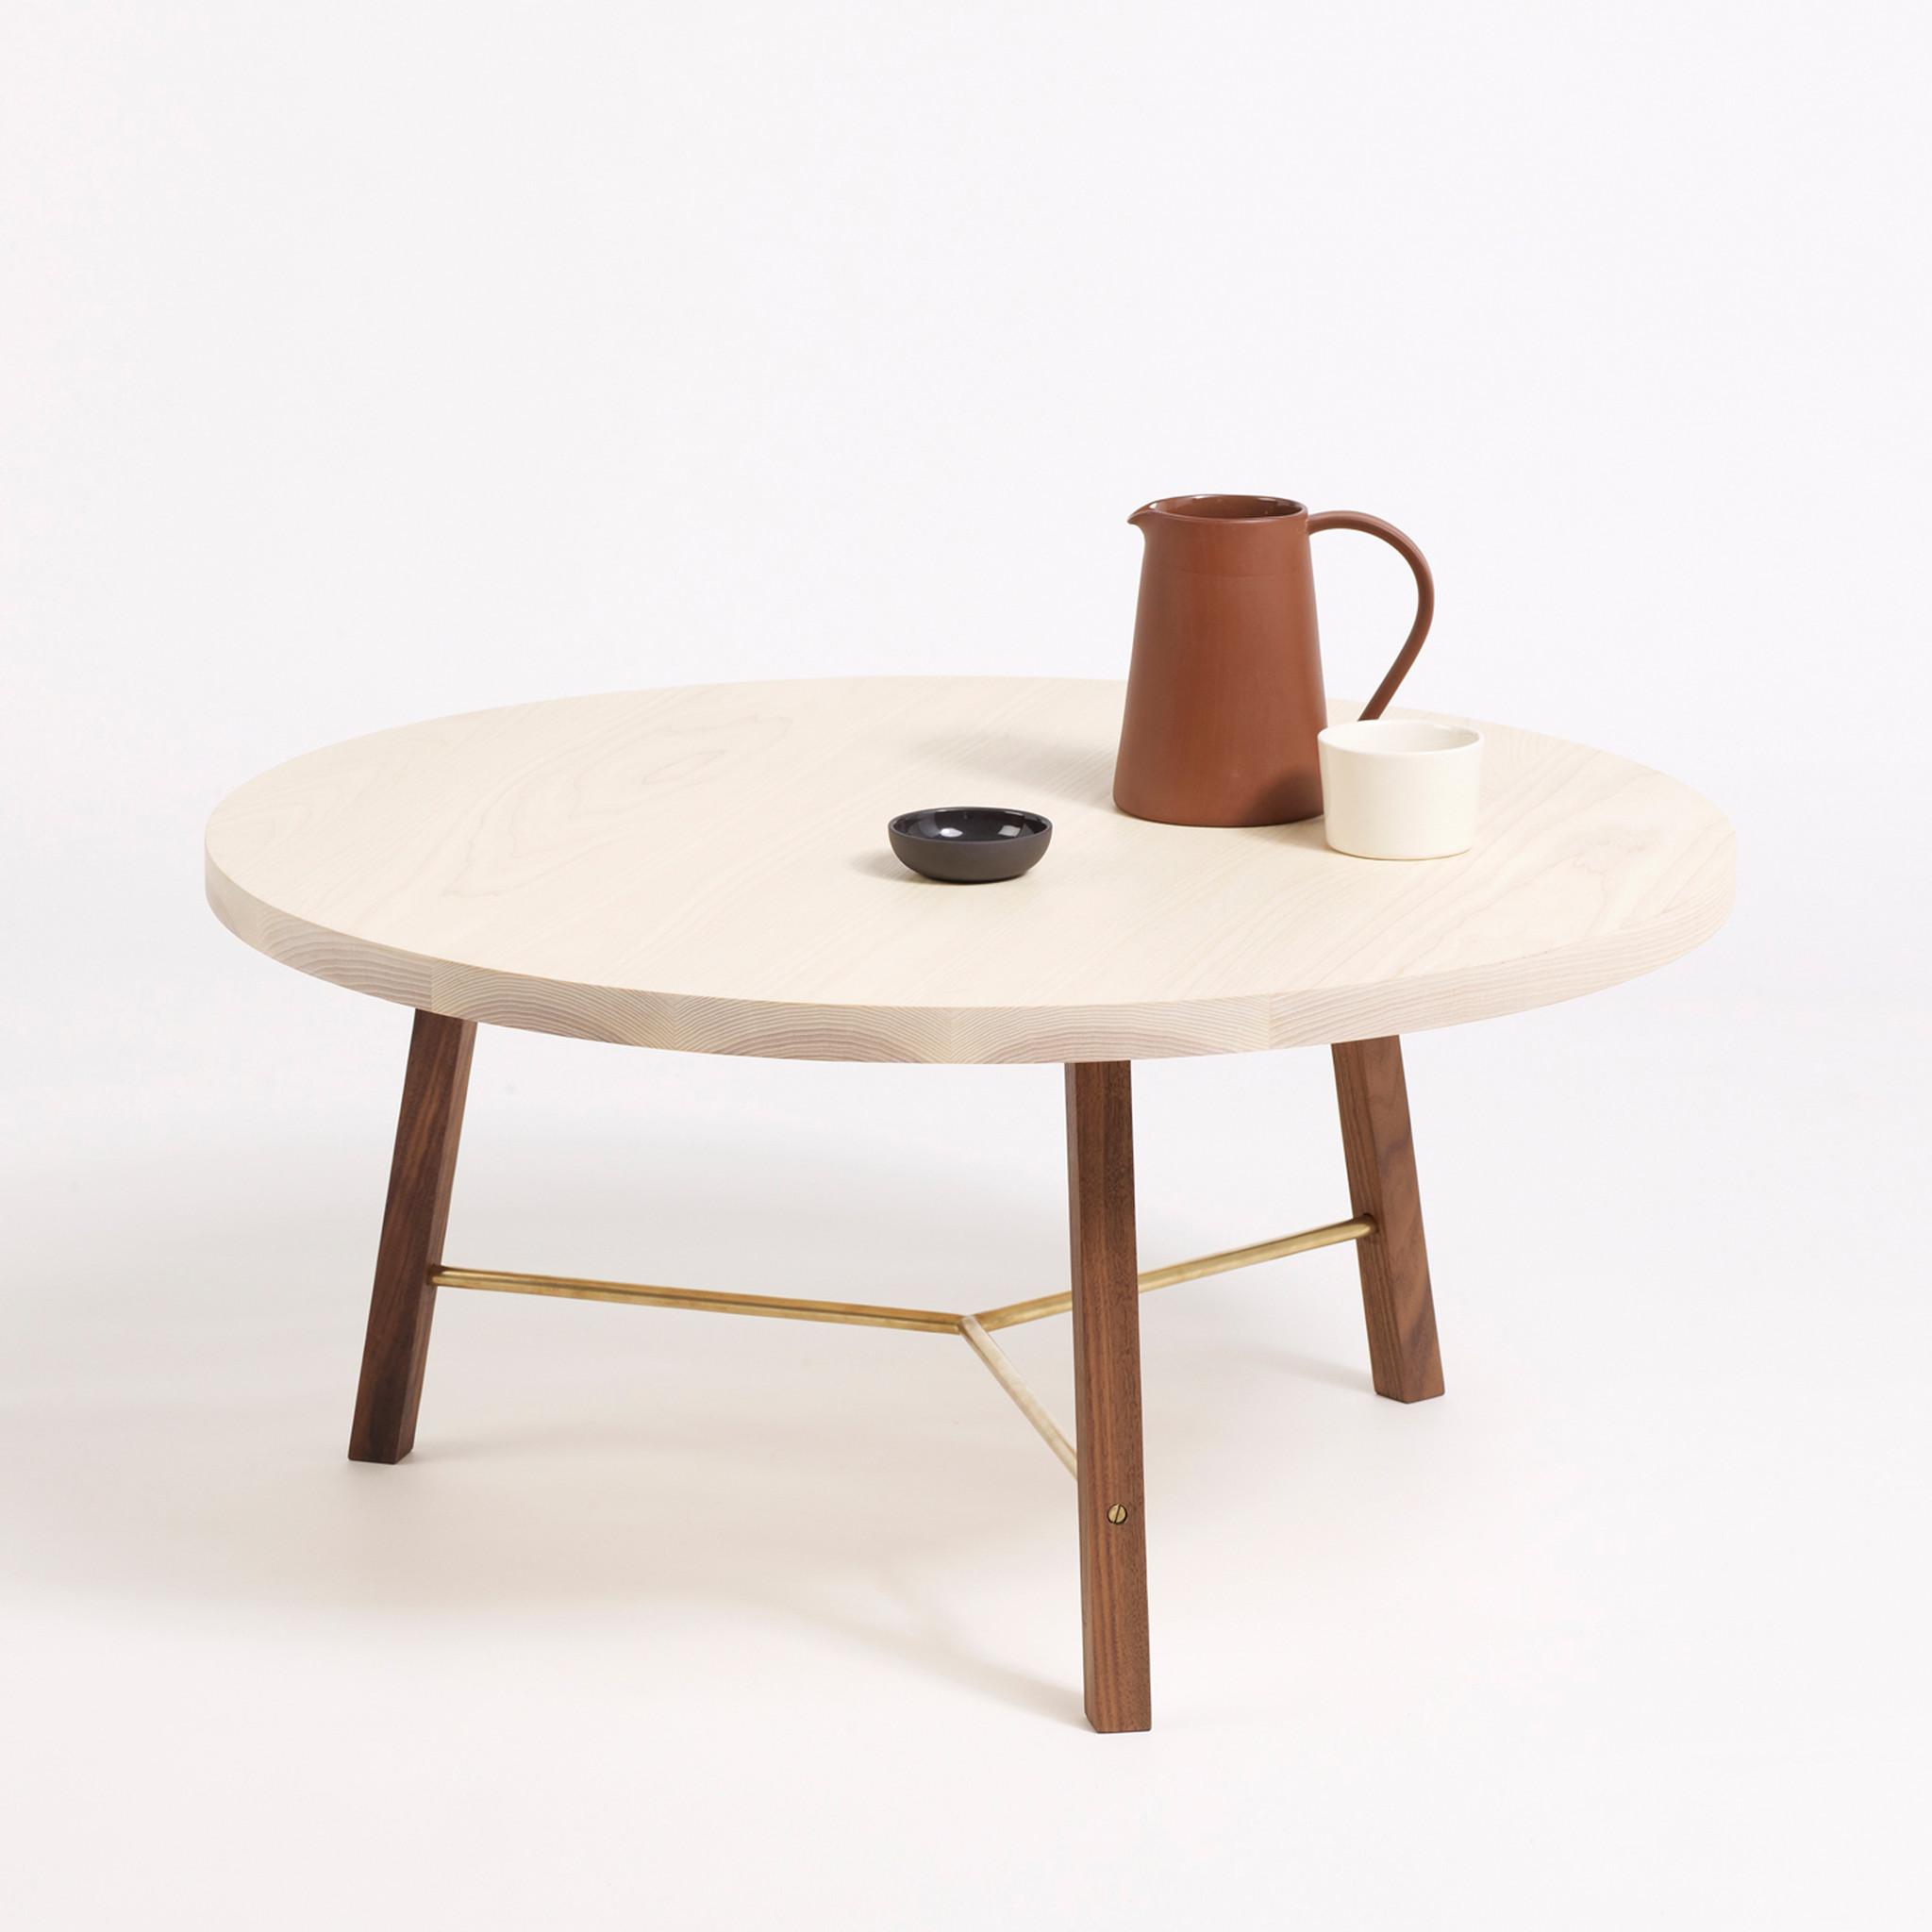 Необычный журнальный столик с современным дизайном, фото столика Coffee Table Two